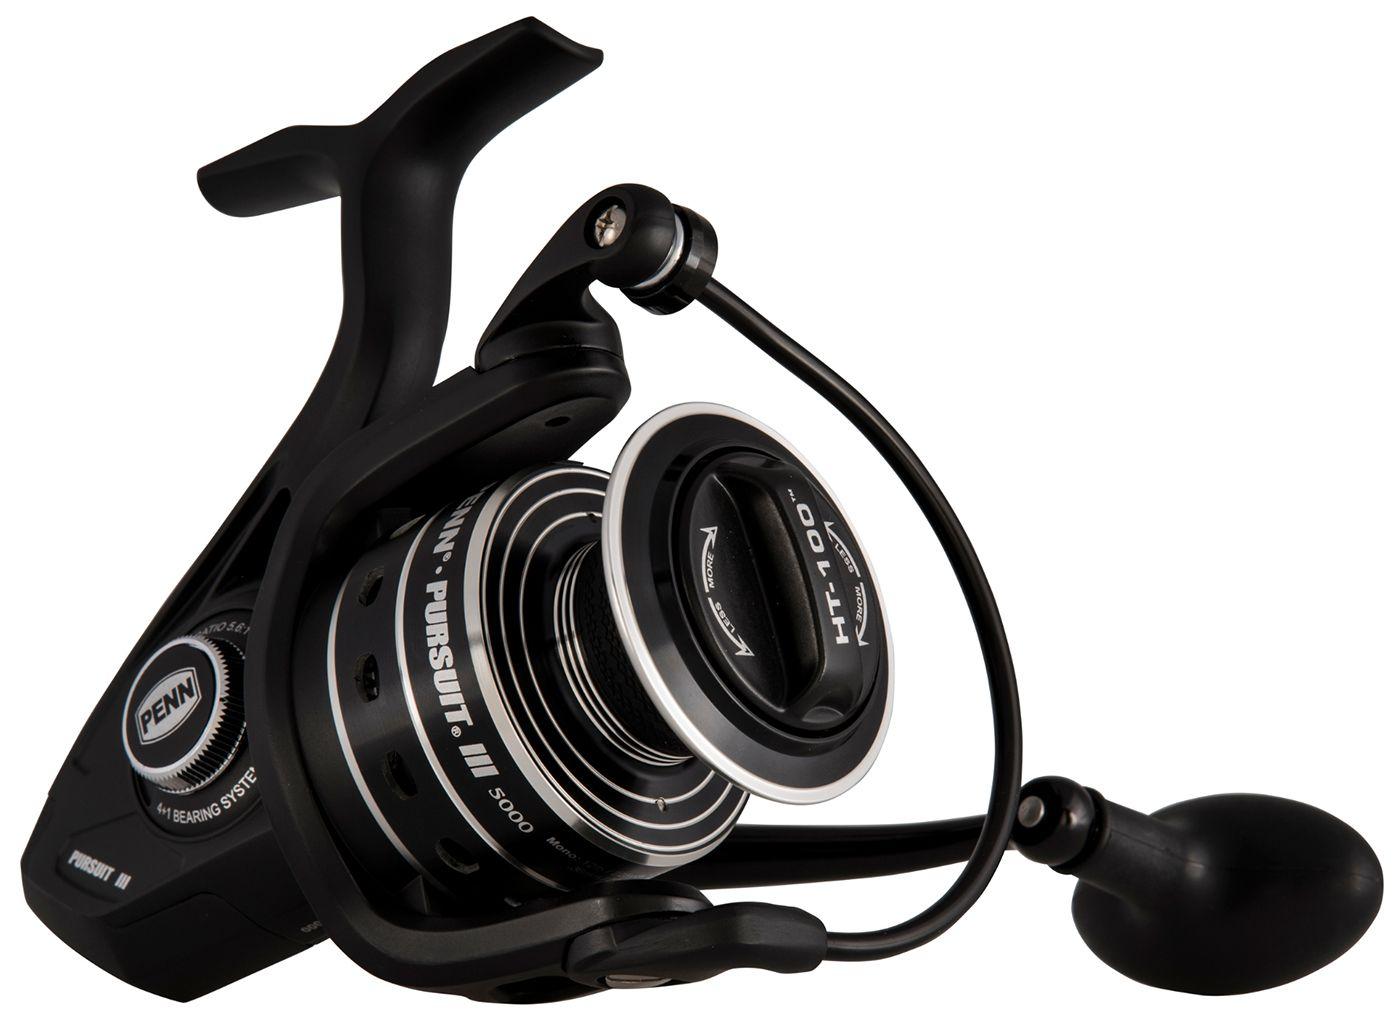 1481293 Penn super Mulinello pesca Pursuit III 3000 spin mare lago 5bb CAS